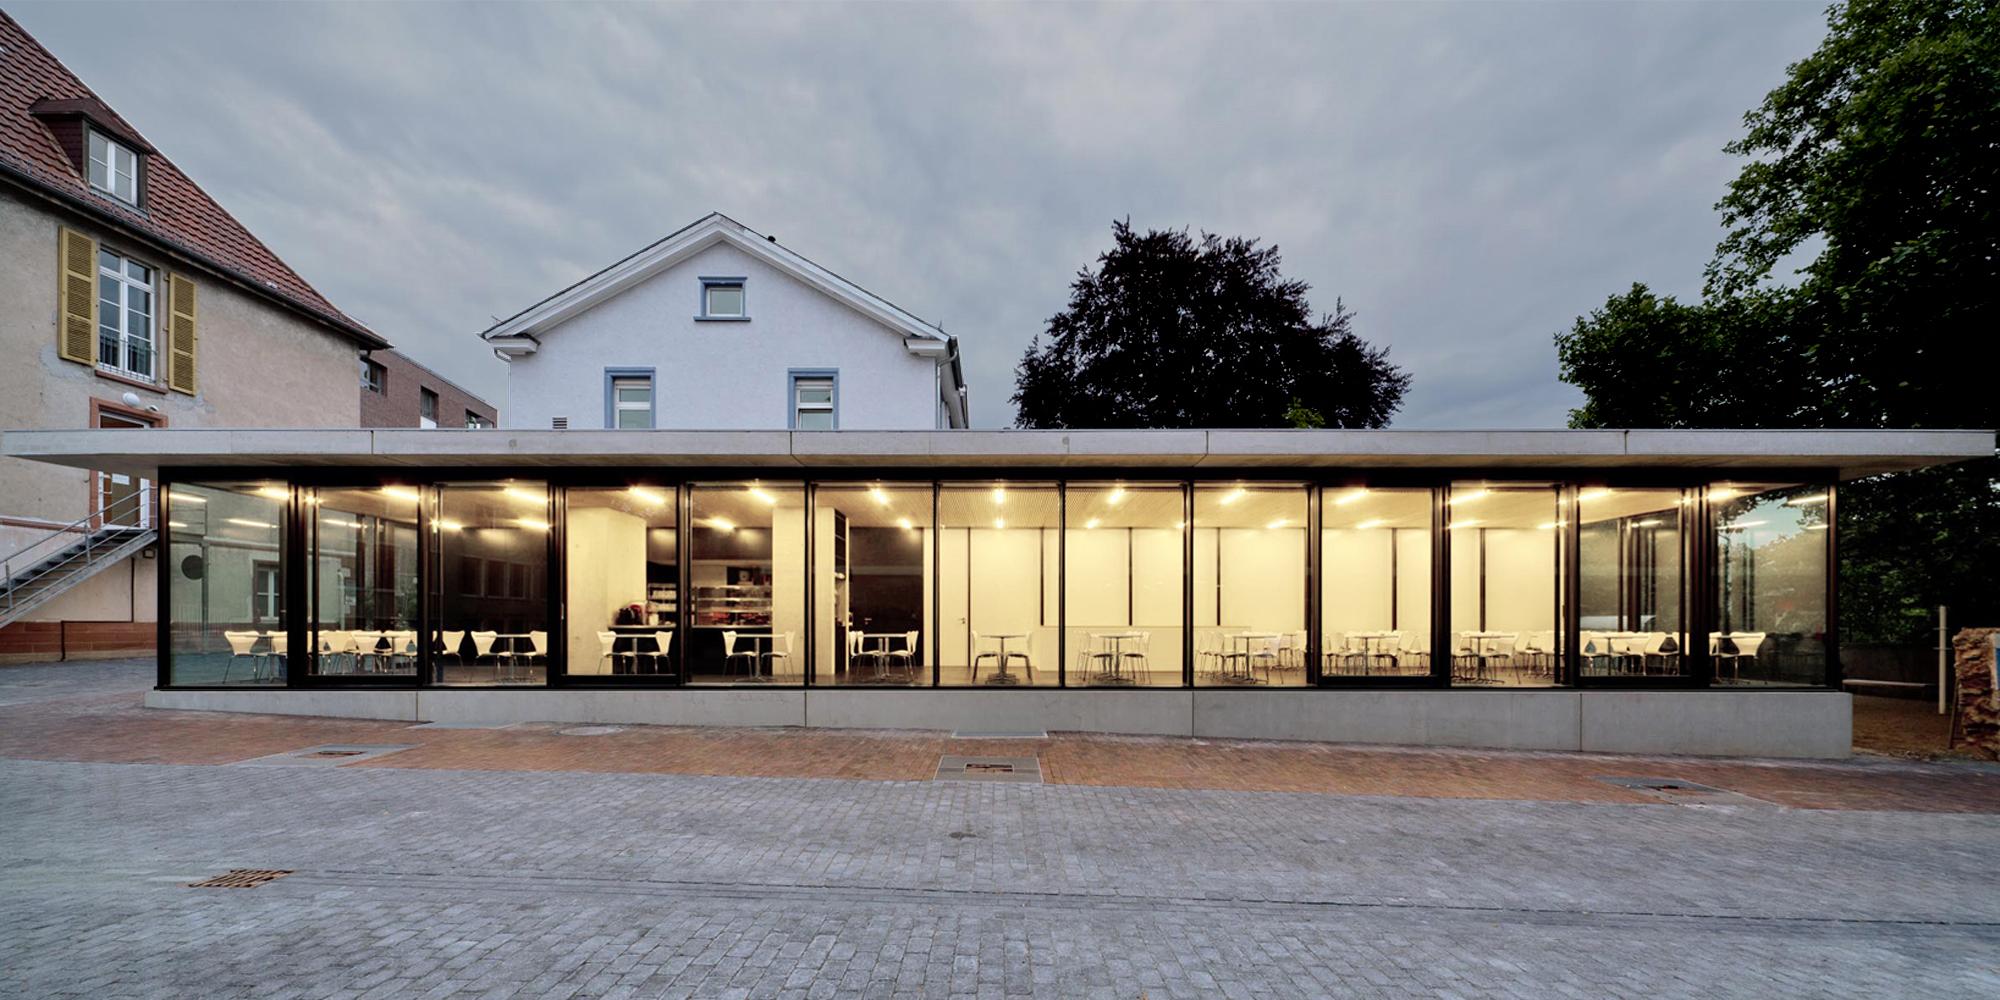 Architekten Darmstadt willkommen waechter waechter architekten bda darmstadt